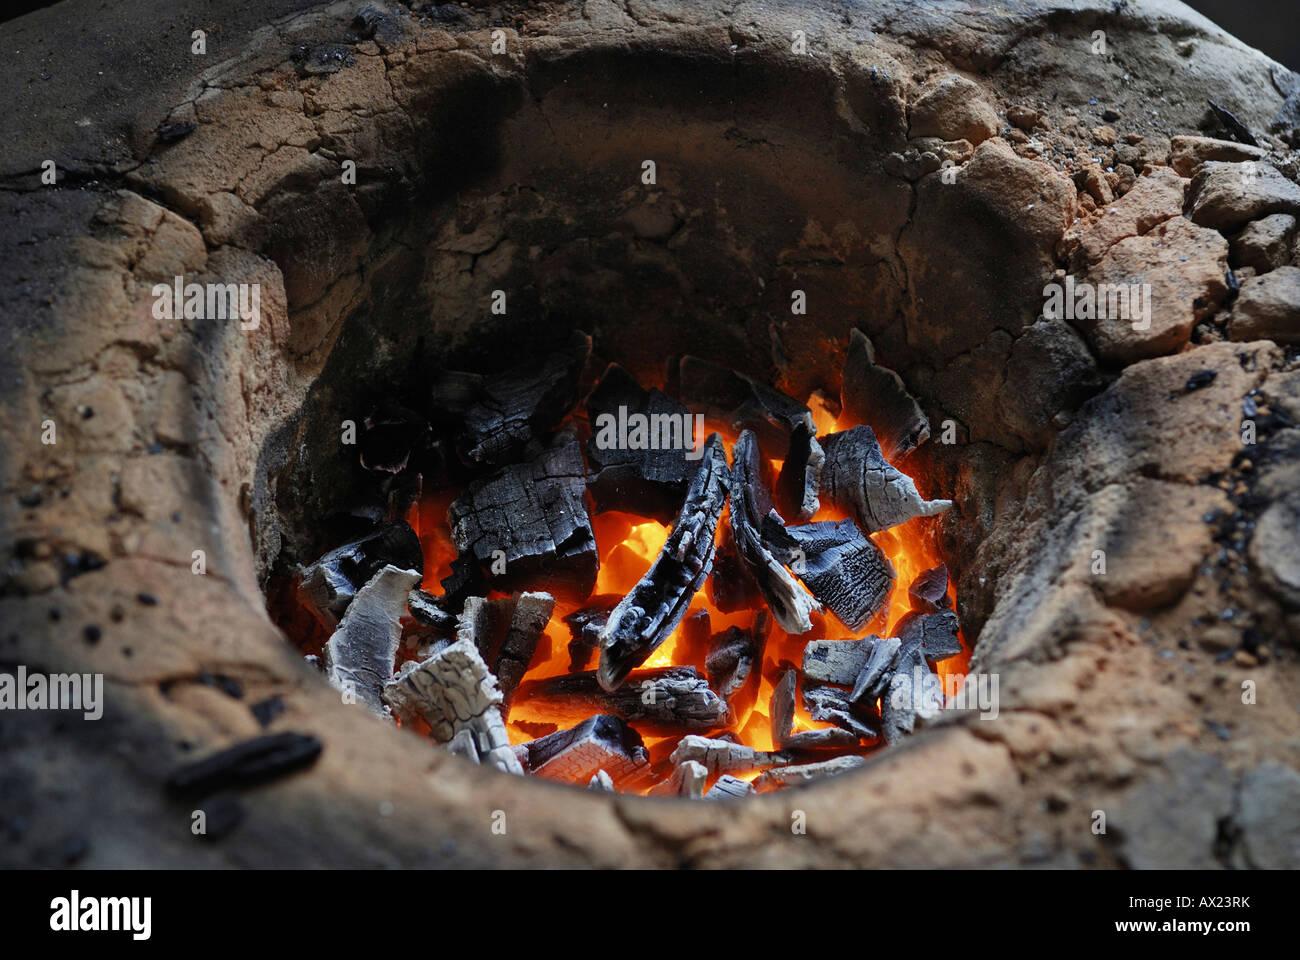 Simple earthen stove with glowing charcoal, Amazon Basin, Brazil - Stock Image